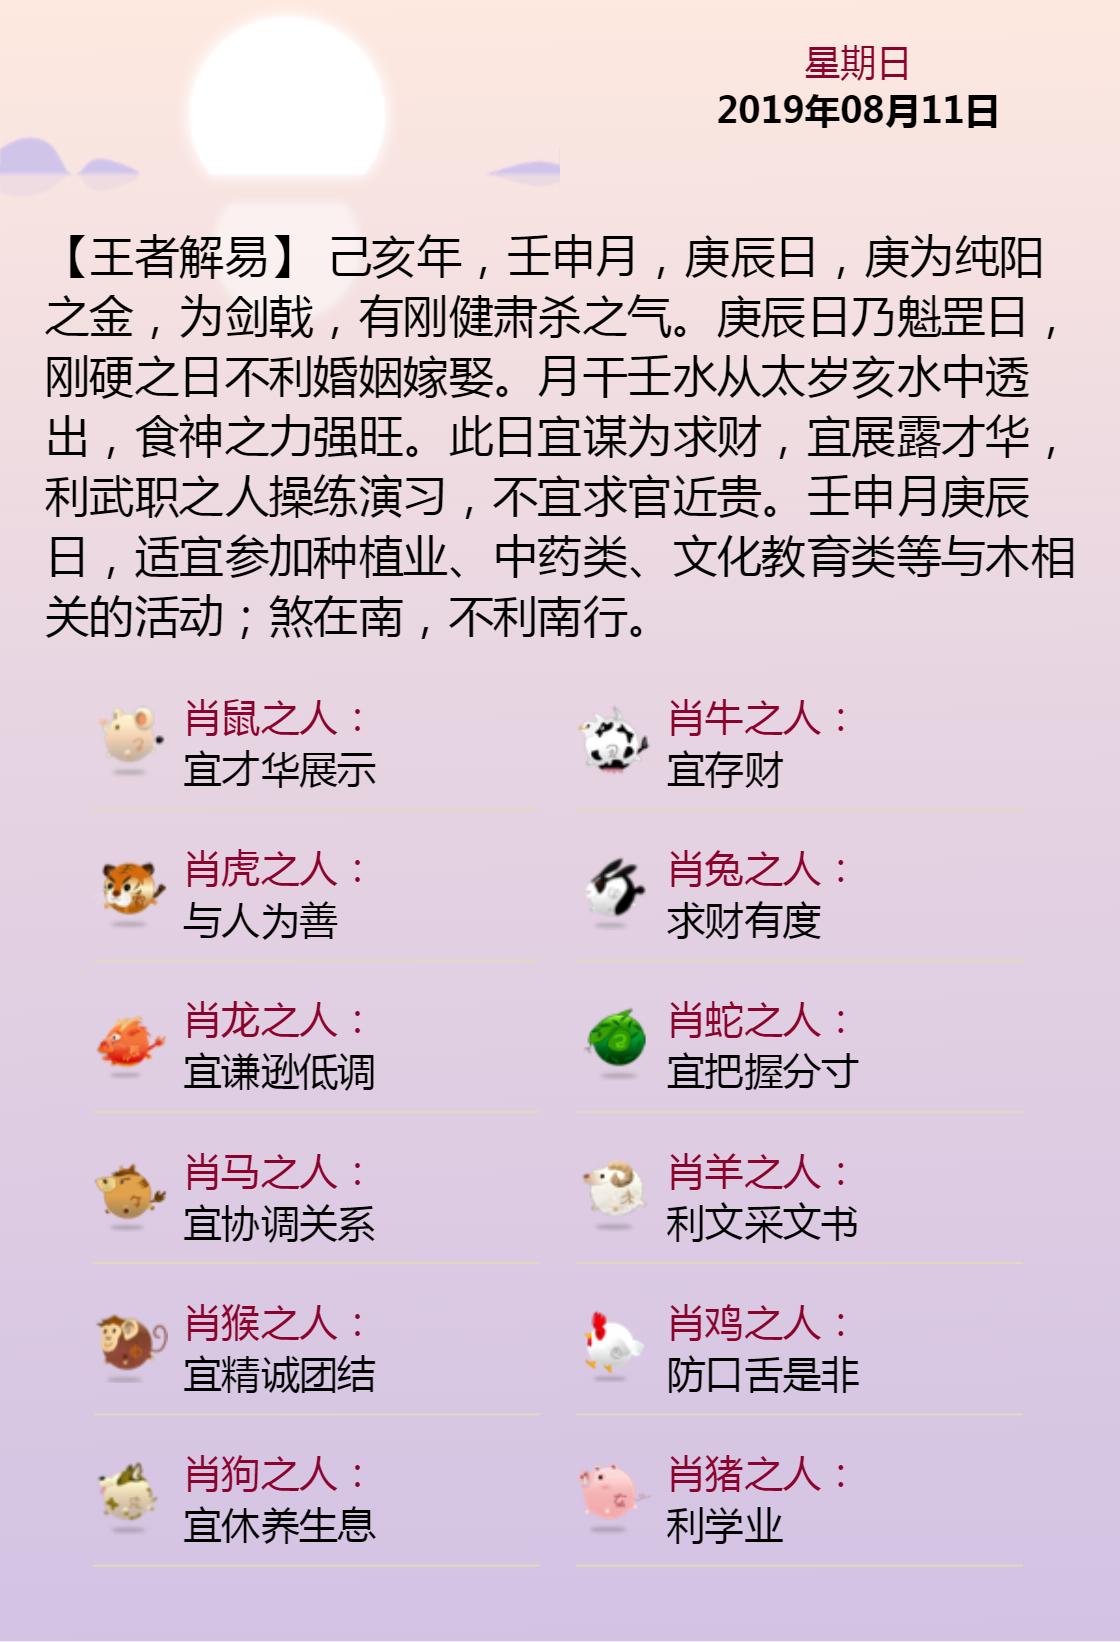 黄历海报20190811.png